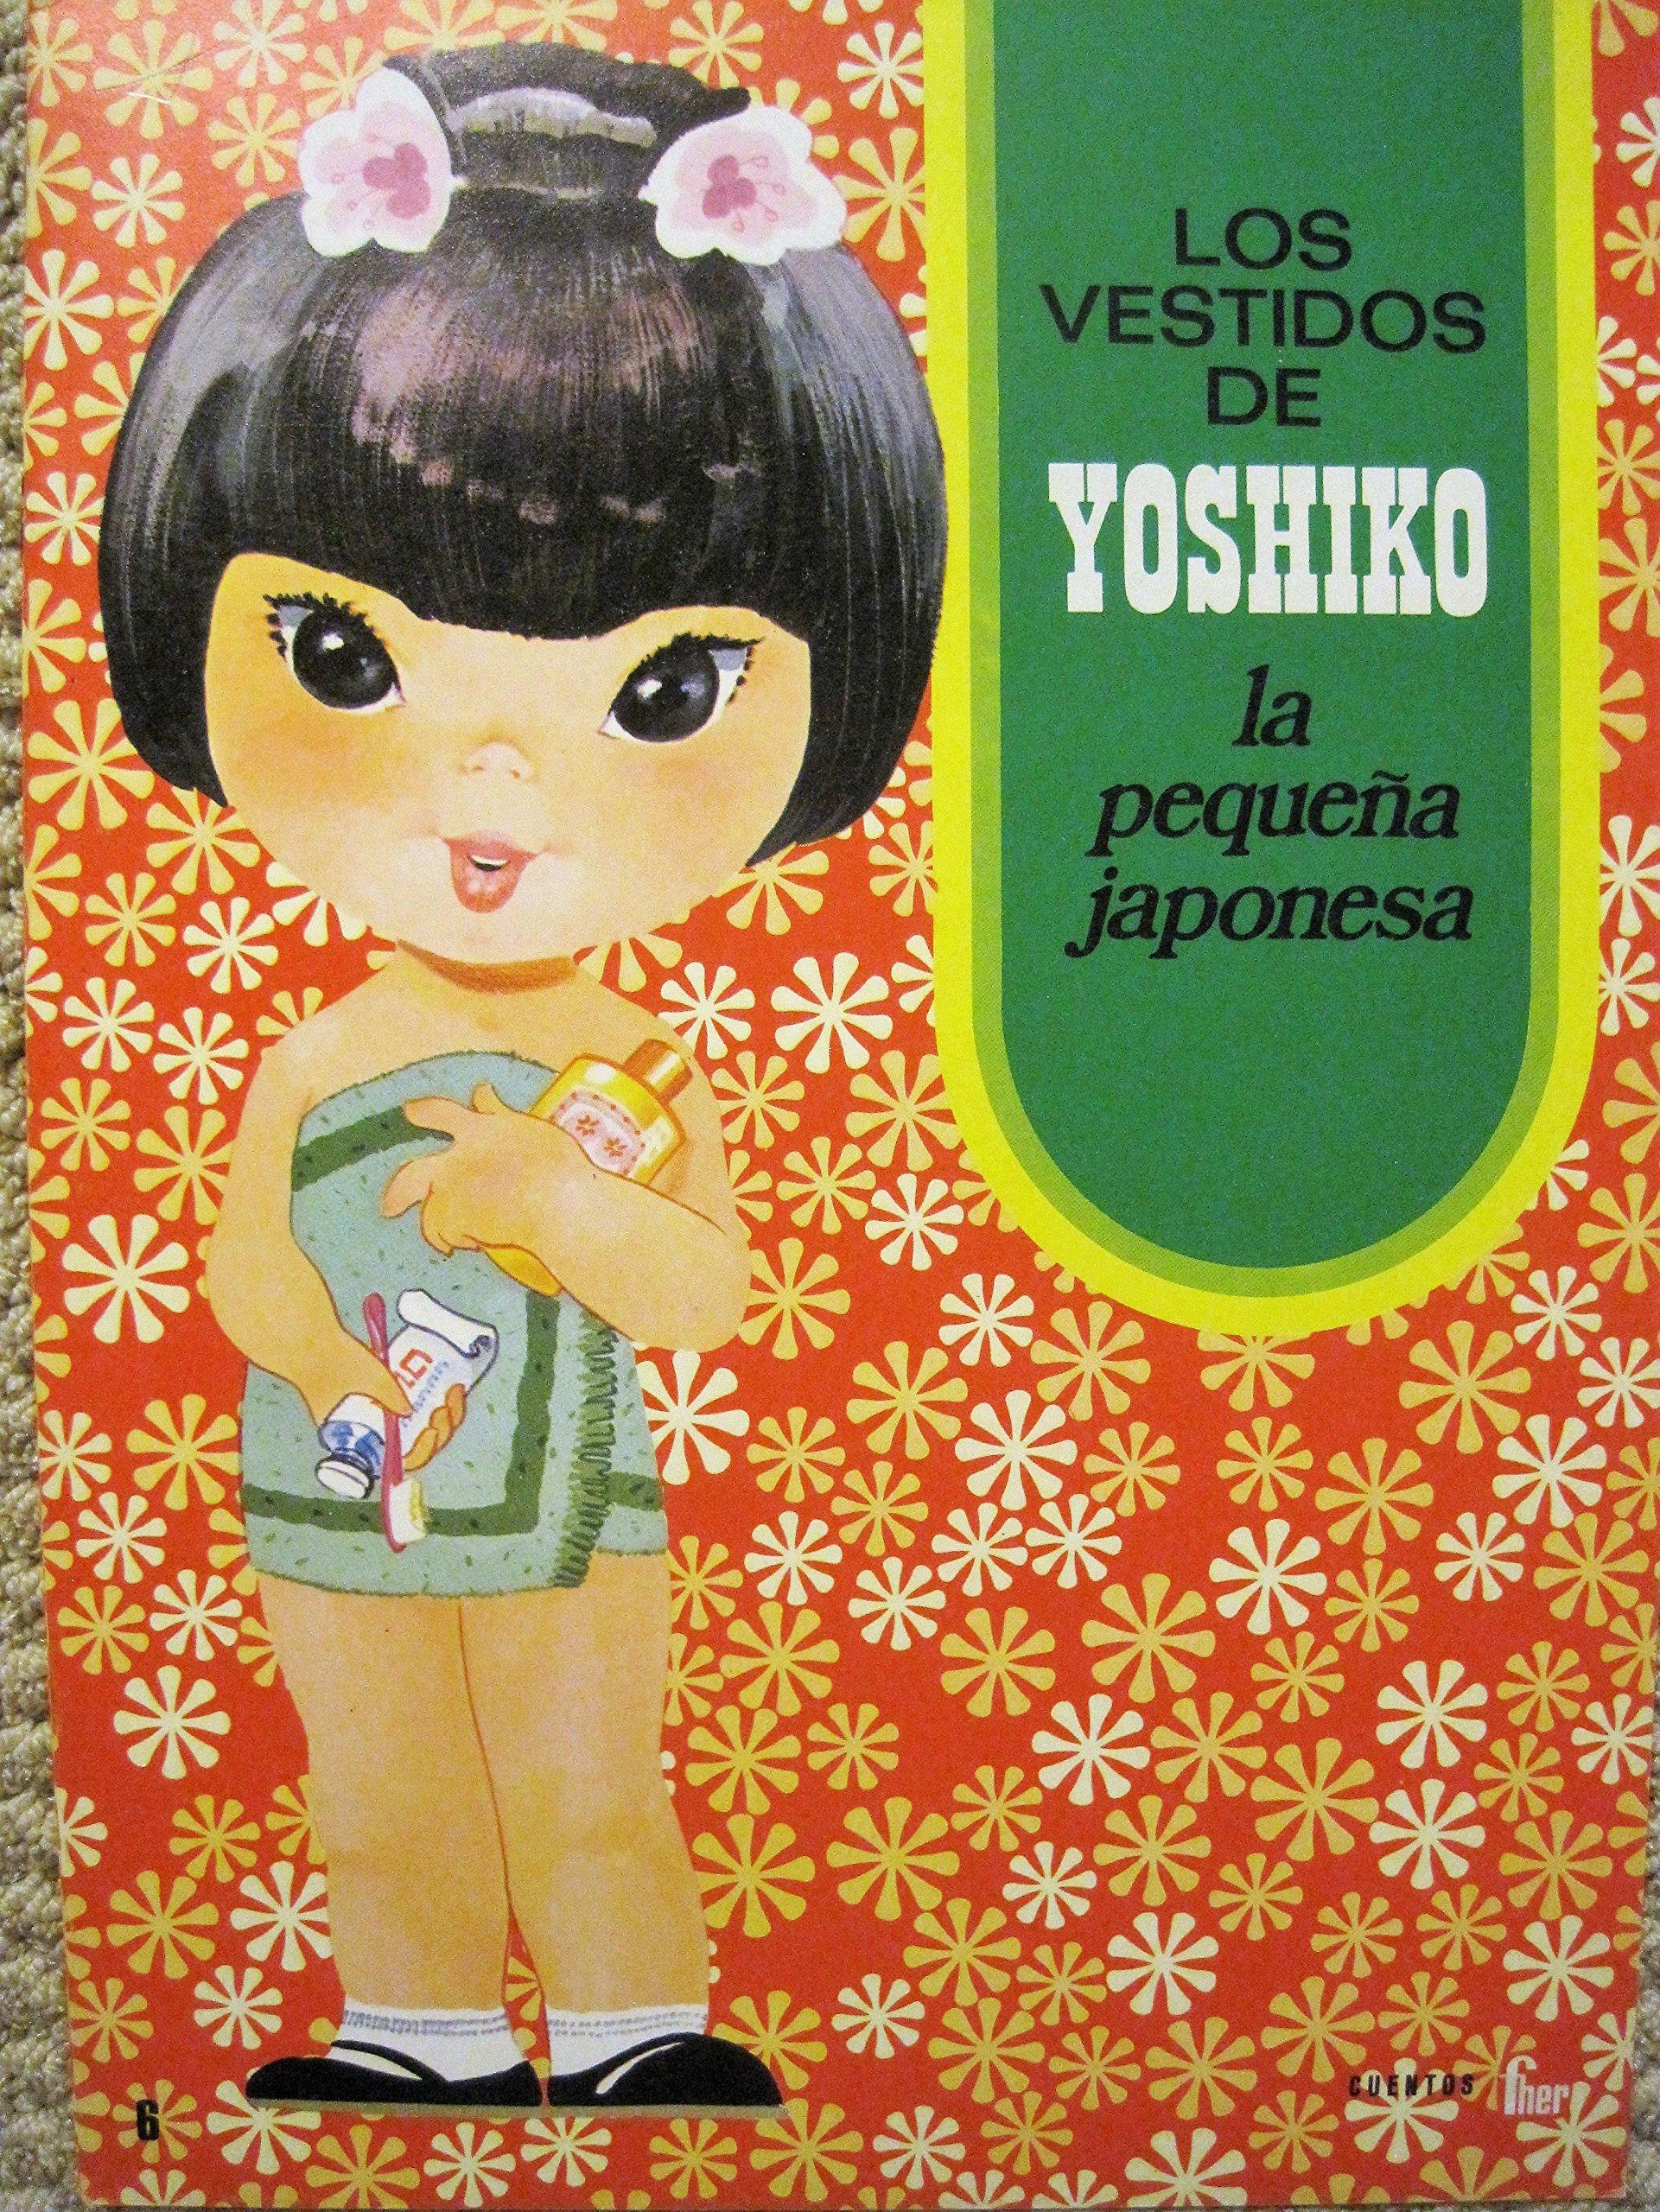 Los Vestidos de Yoshiko - La Pequena Japonesa: Cuentos Fher: 9788424307370: Amazon.com: Books